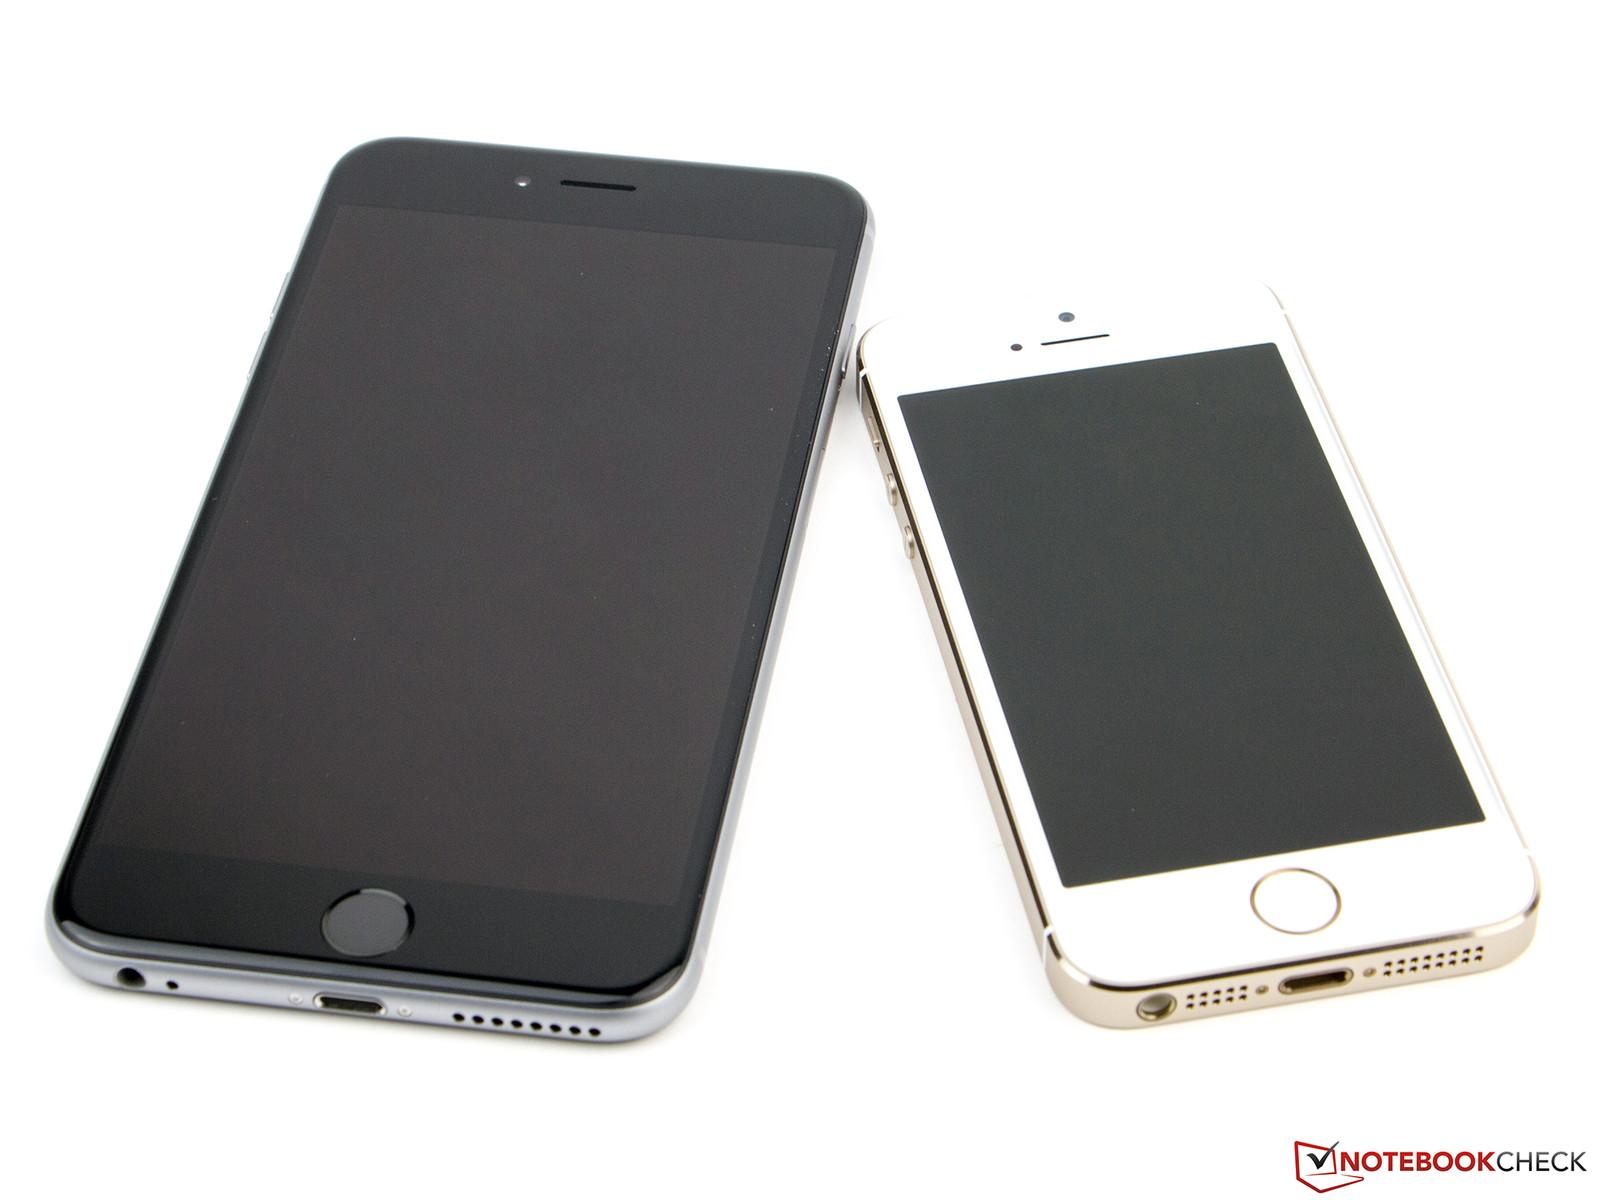 das iphone 6 plus ist ein riese im vergleich zum 5s rechts